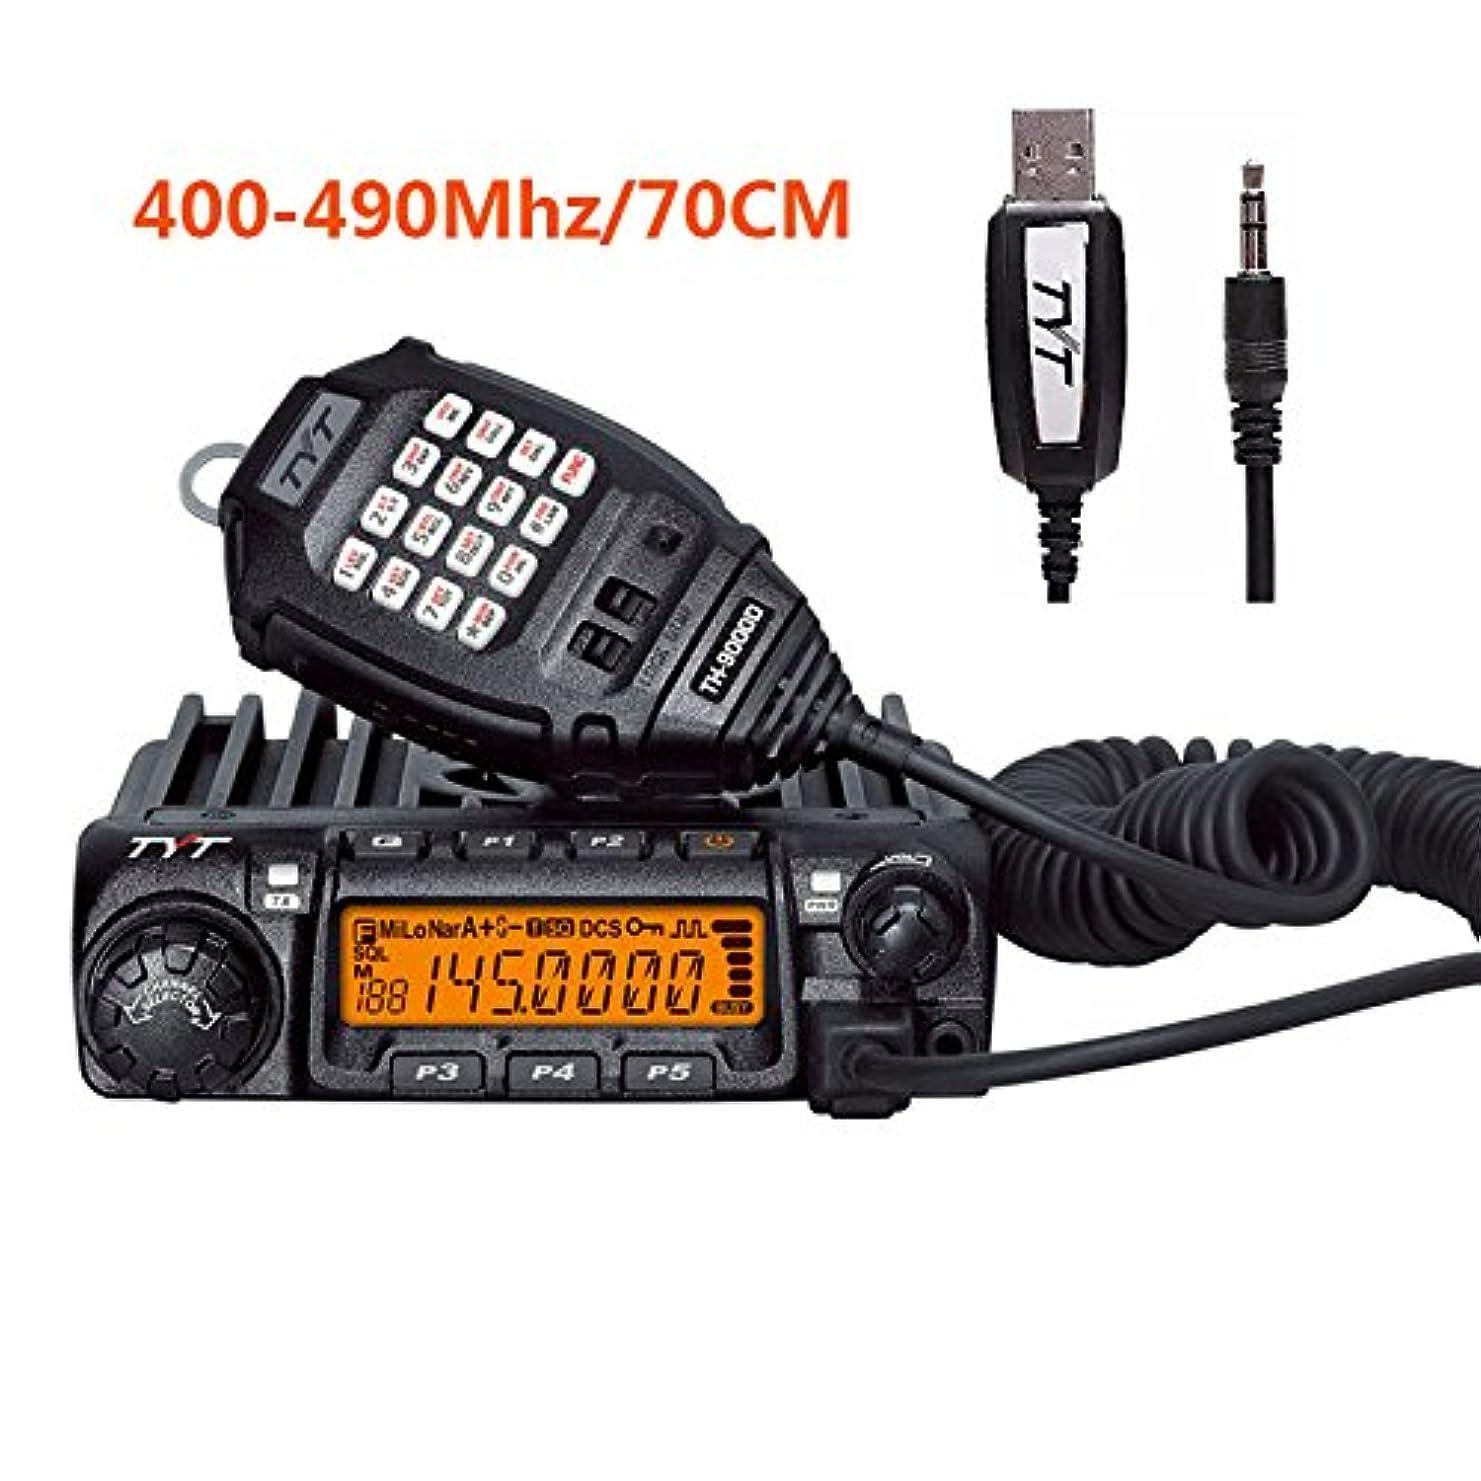 神経障害いろいろ松TYT TH-9000D モバイルラジオ UHF 400-490MHz 45W 200チャンネル カーラジオ (ハム)